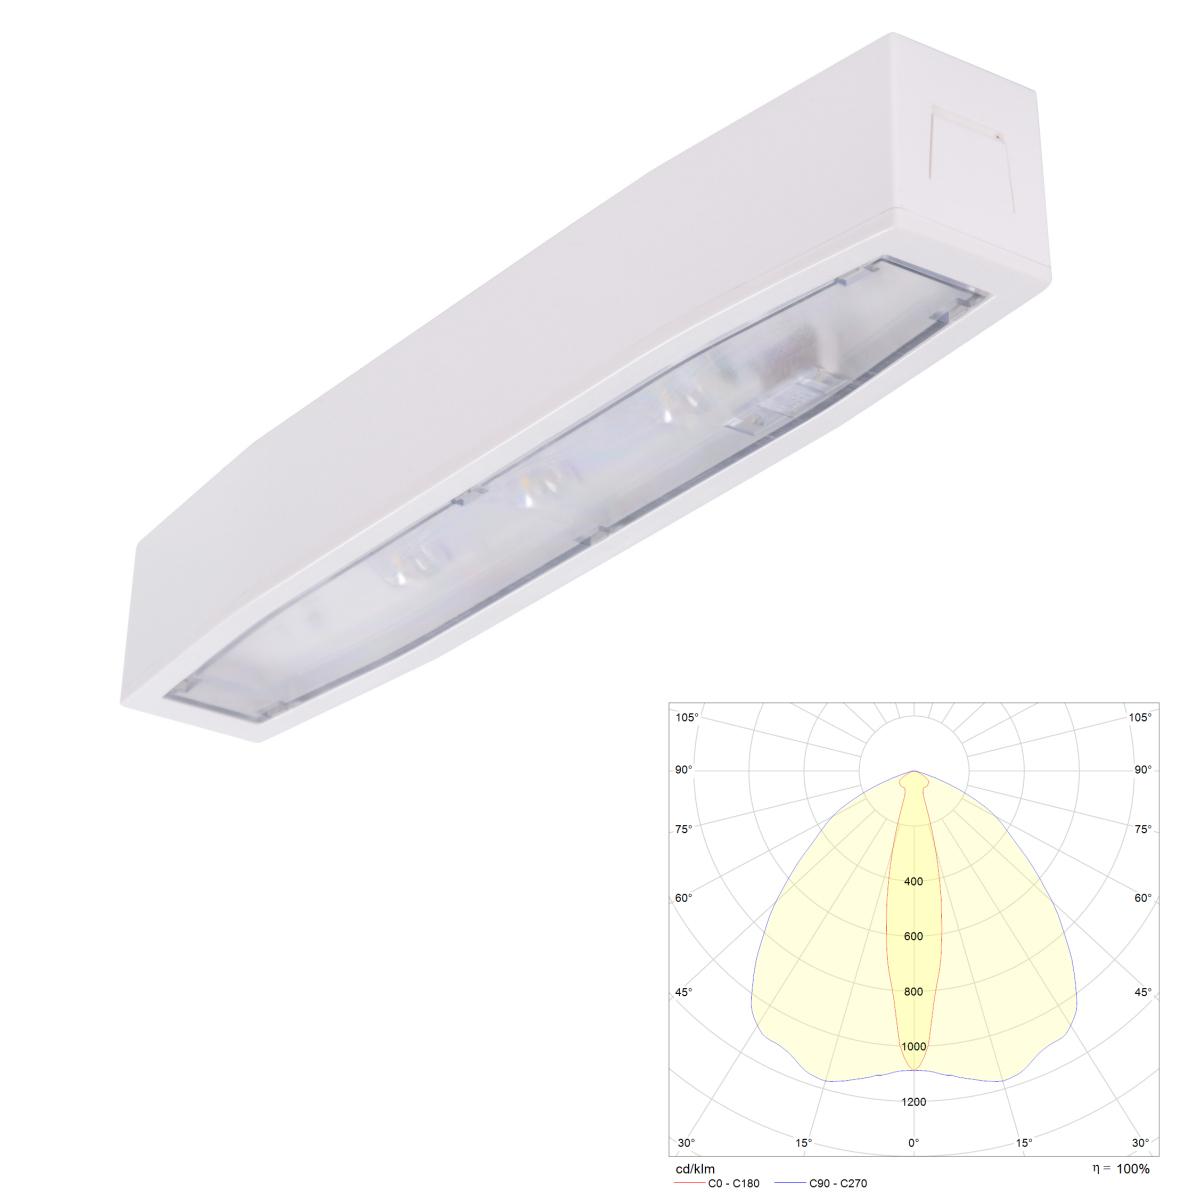 Аварийный светильник для эвакуационных проходов в торговых залах с высокими потолками Suprema LED SСH NT IP54 Intelight – внешний вид